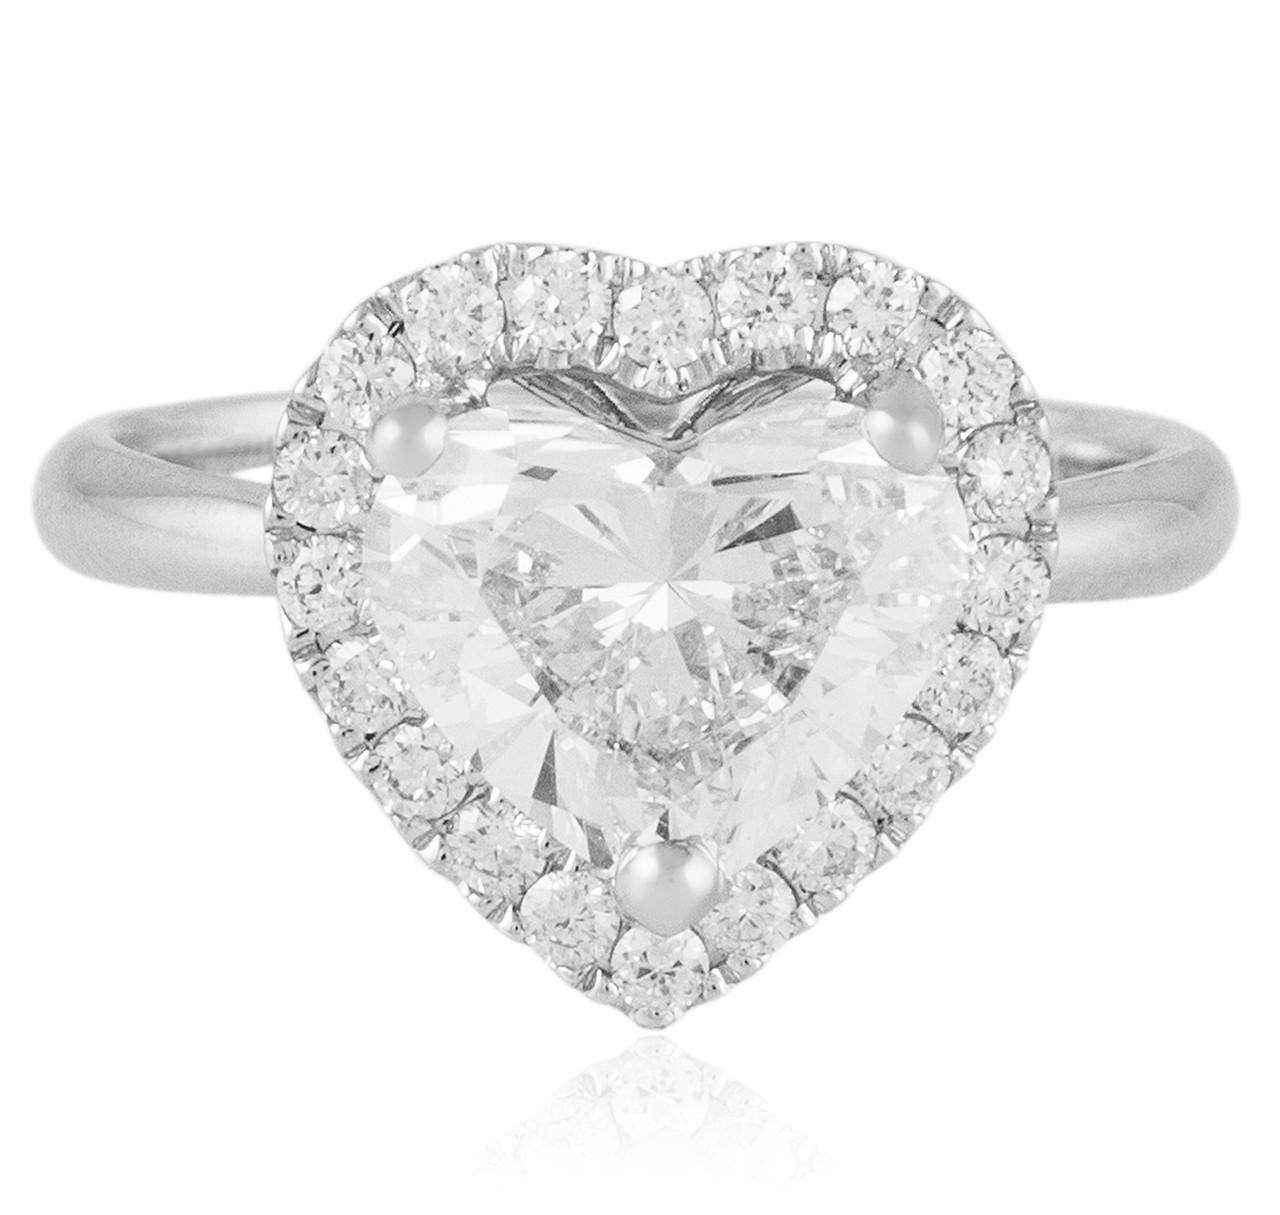 18K White Gold 3.24ct Heart Shape Diamond Engagement Ring ...